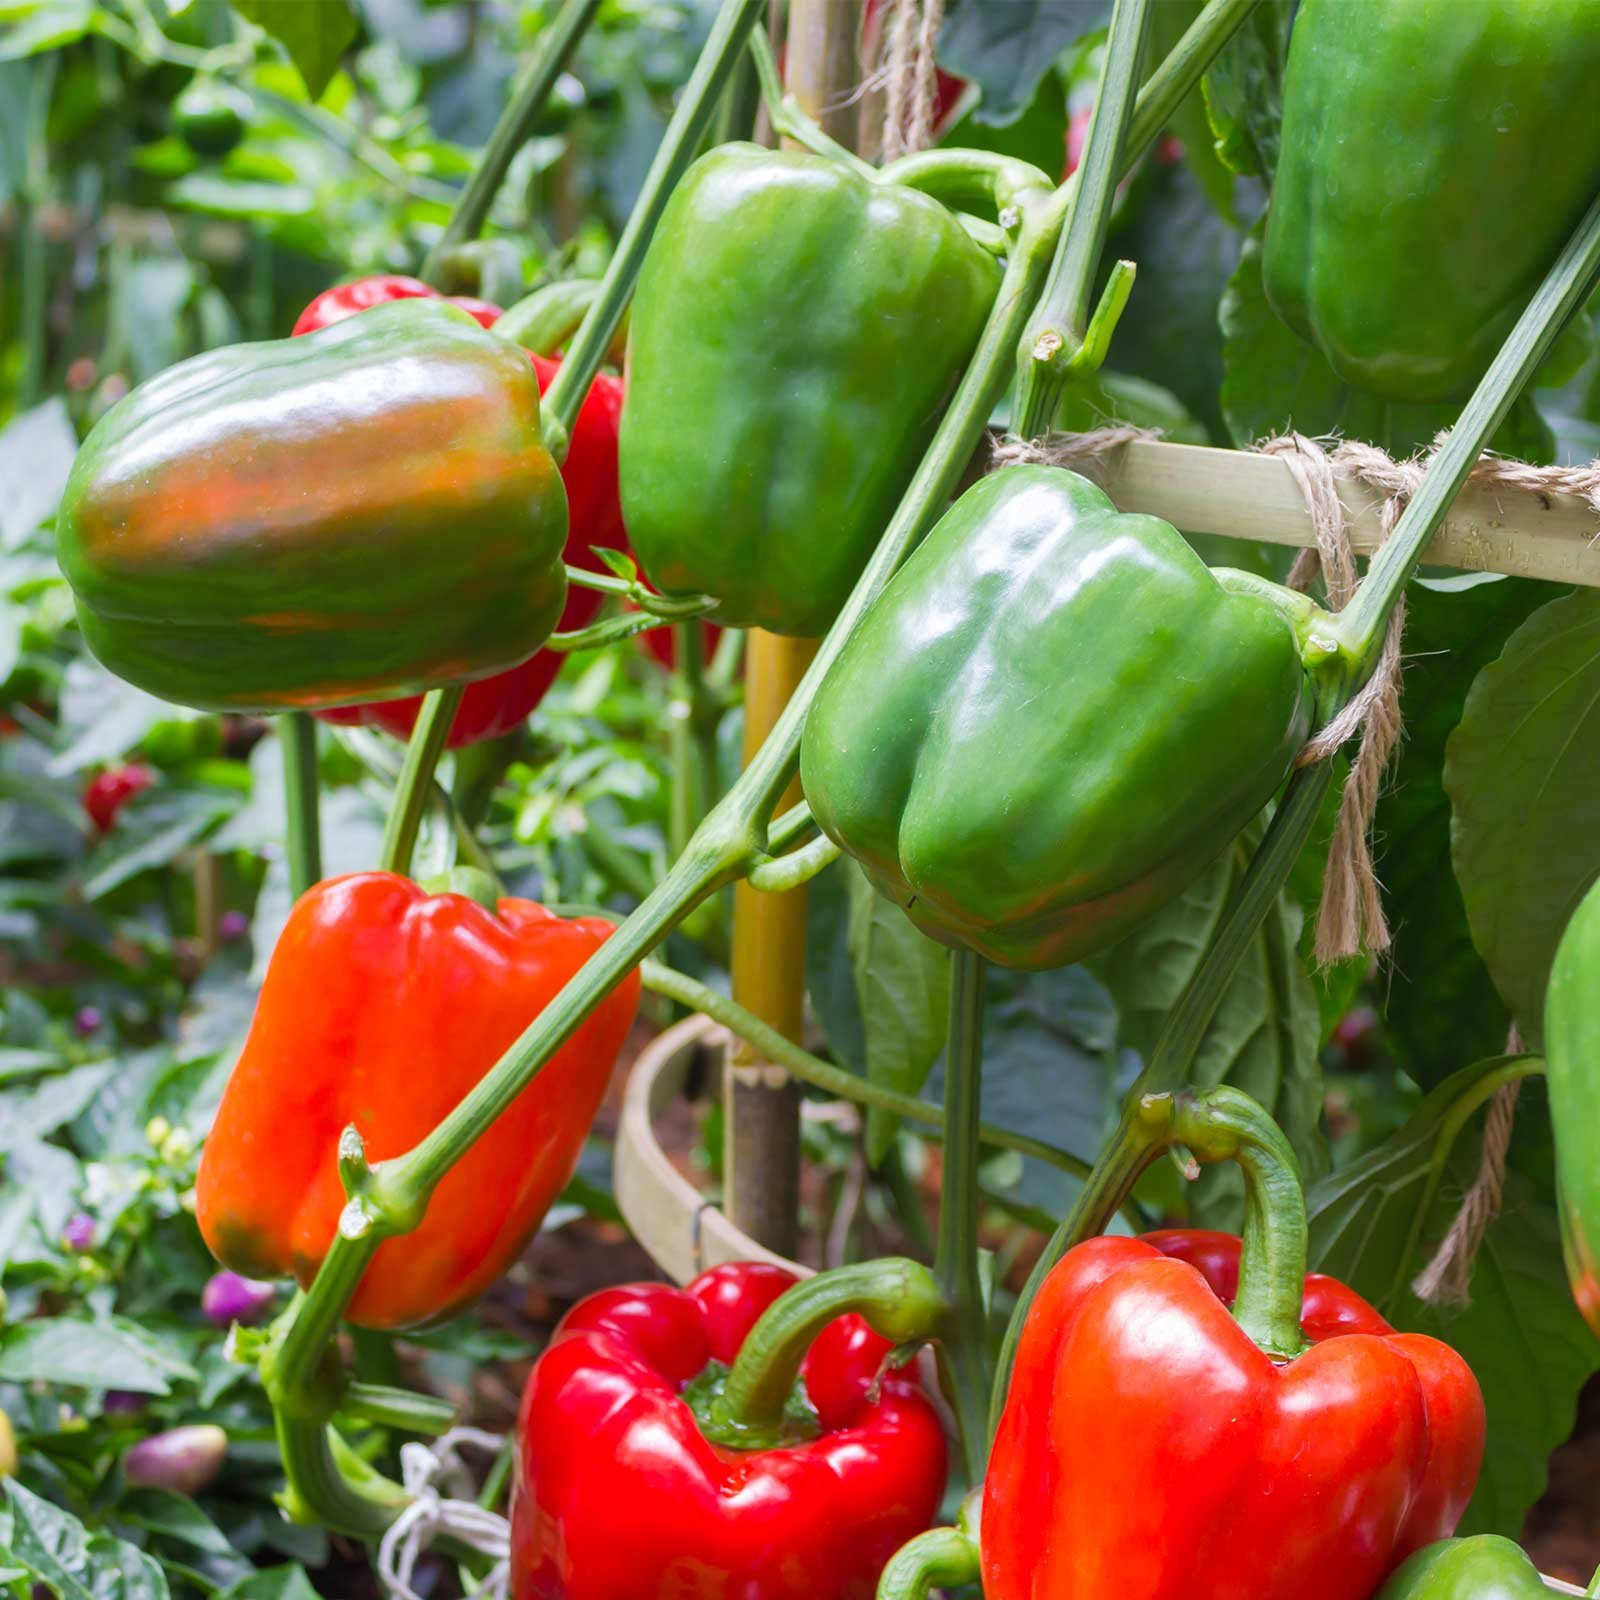 Better Belle II Hybrid Sweet Pepper Garden Seeds - 1000 Seeds - Non-GMO, Hybrid Bell Pepper Vegetable Gardening Seed